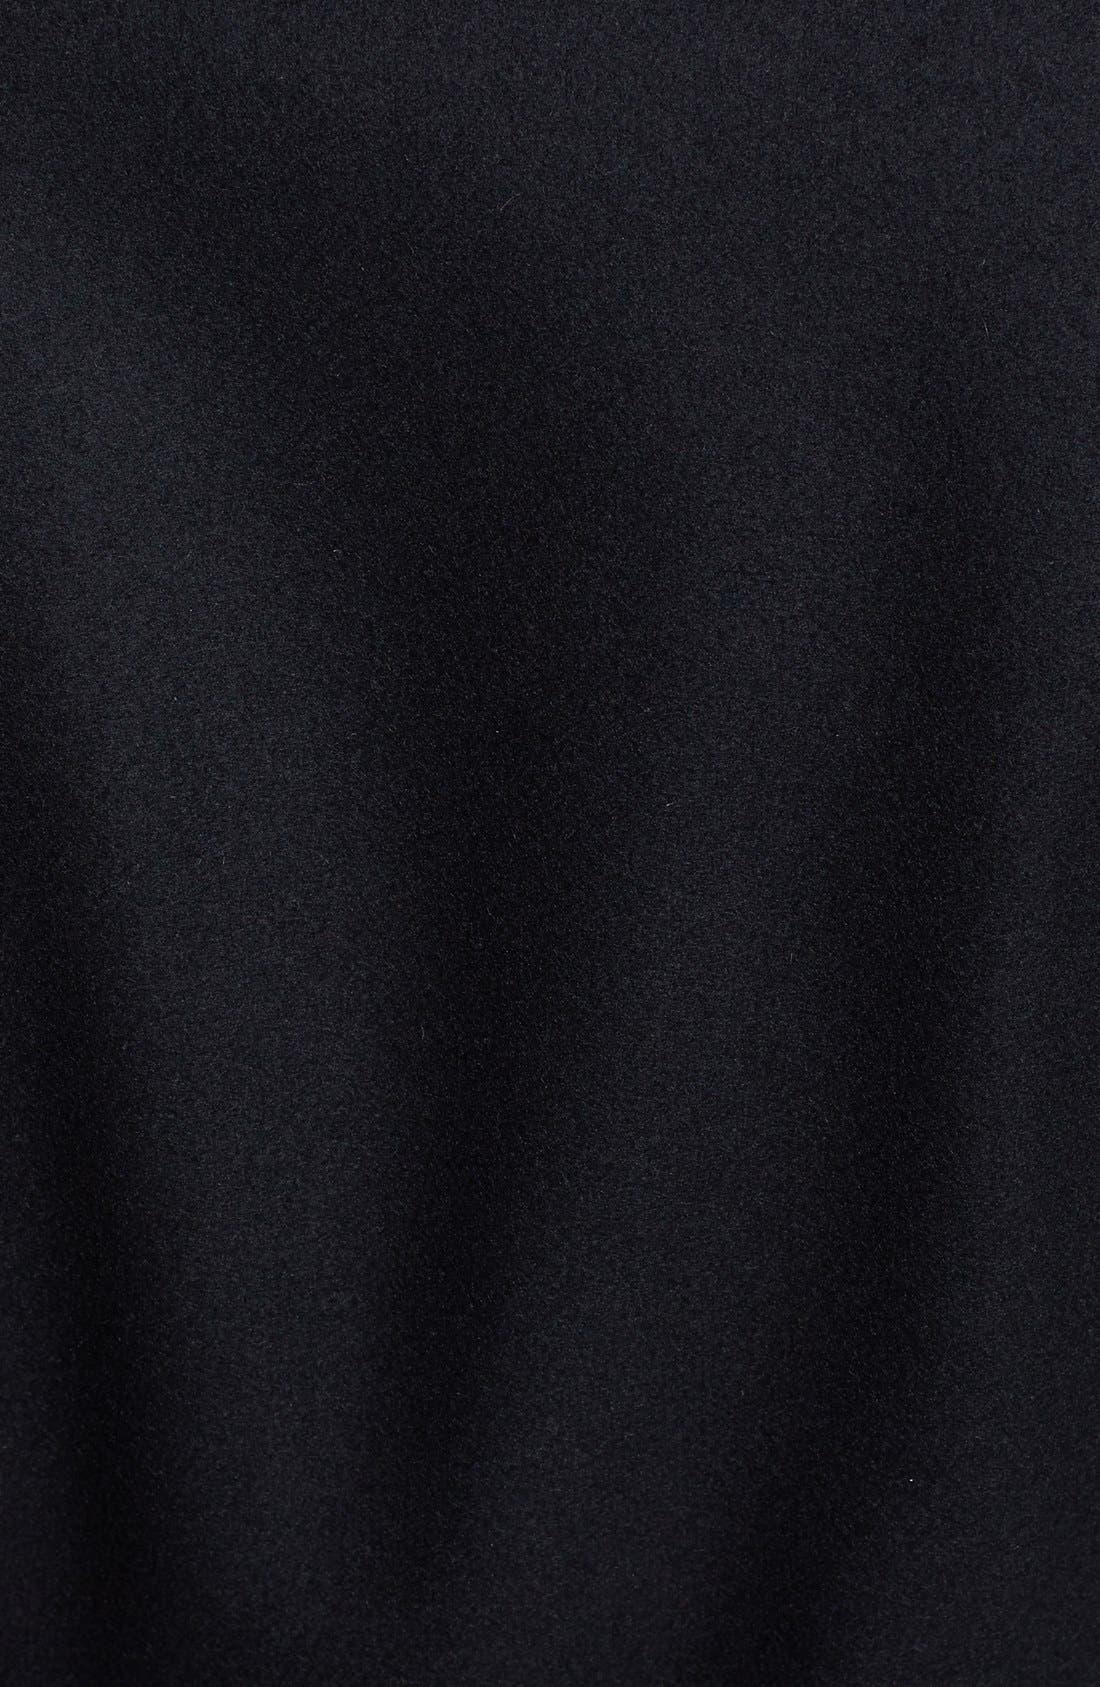 Alternate Image 3  - Ted Baker London Belted Flare Skirt Wool & Cashmere Blend Coat